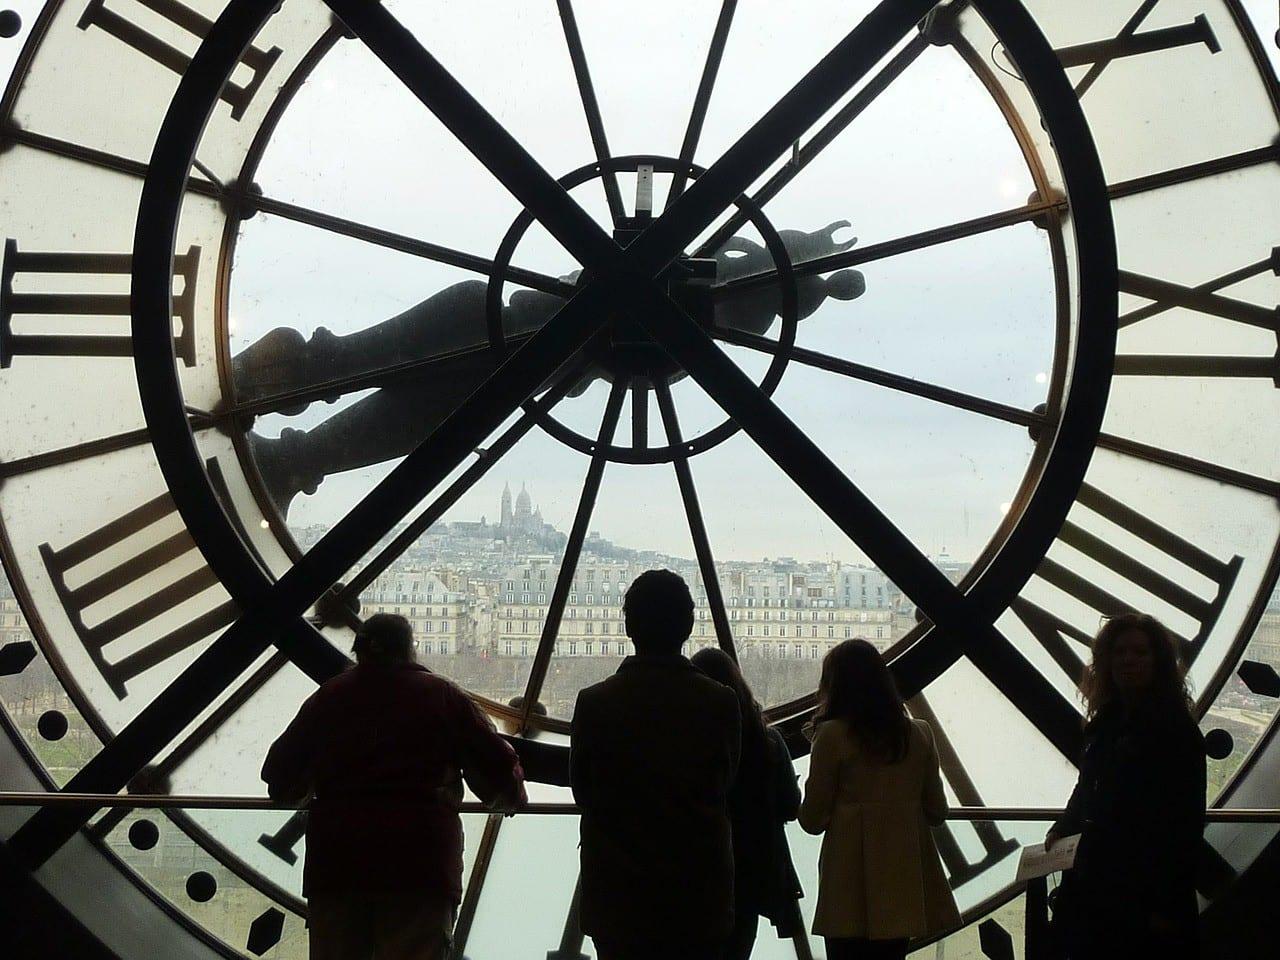 Αλλαγή ώρας 2019 Ελλάδα - Πότε αλλάζει η ώρα Ελλάδος